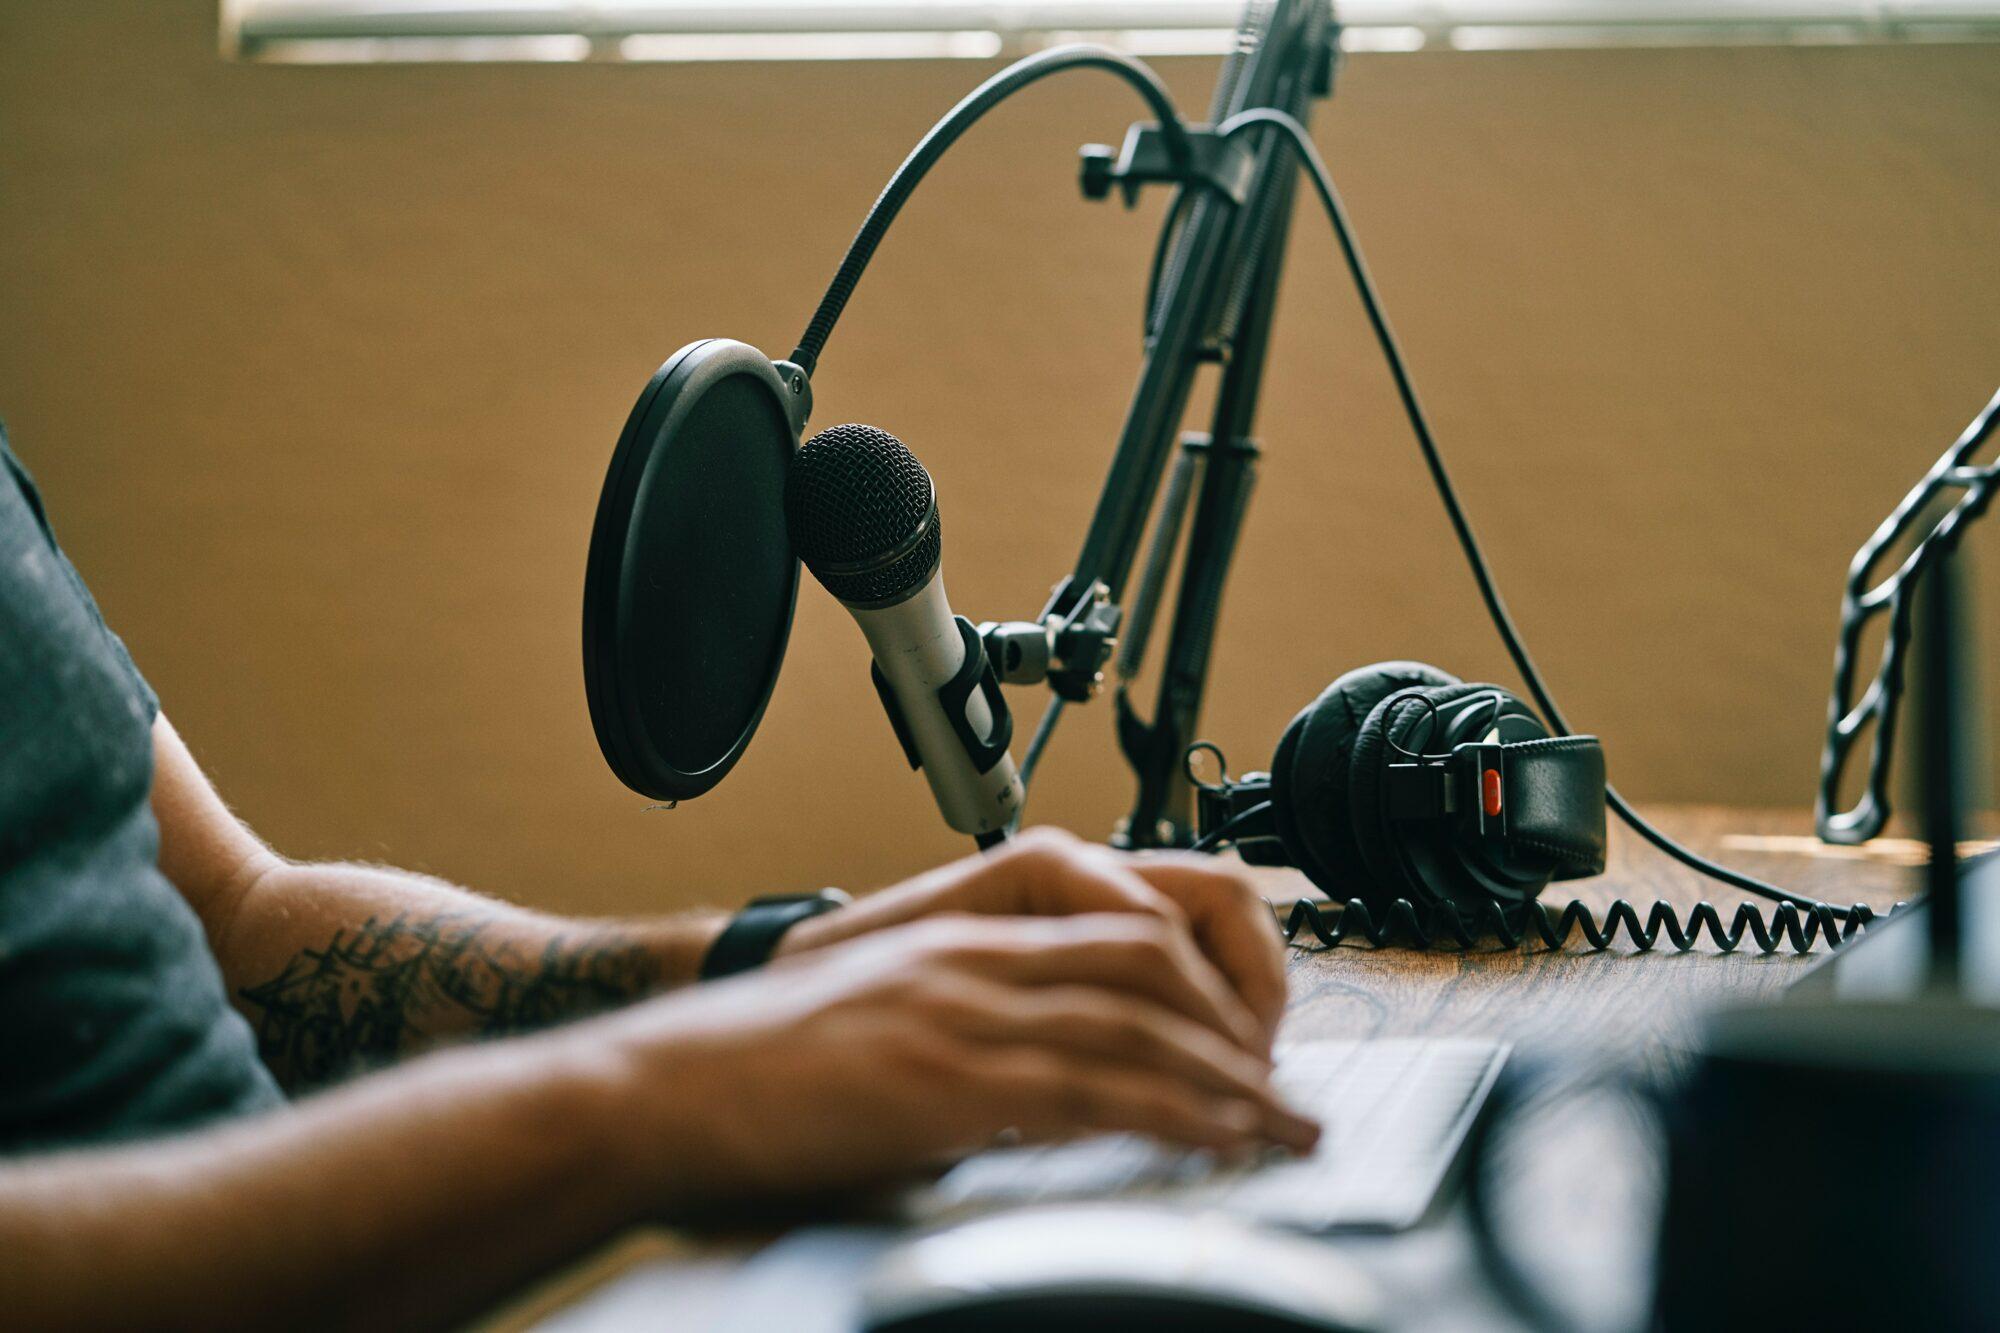 Segons diferents estudis, els podcasts cada cop són més escoltats. Foto: Unsplash